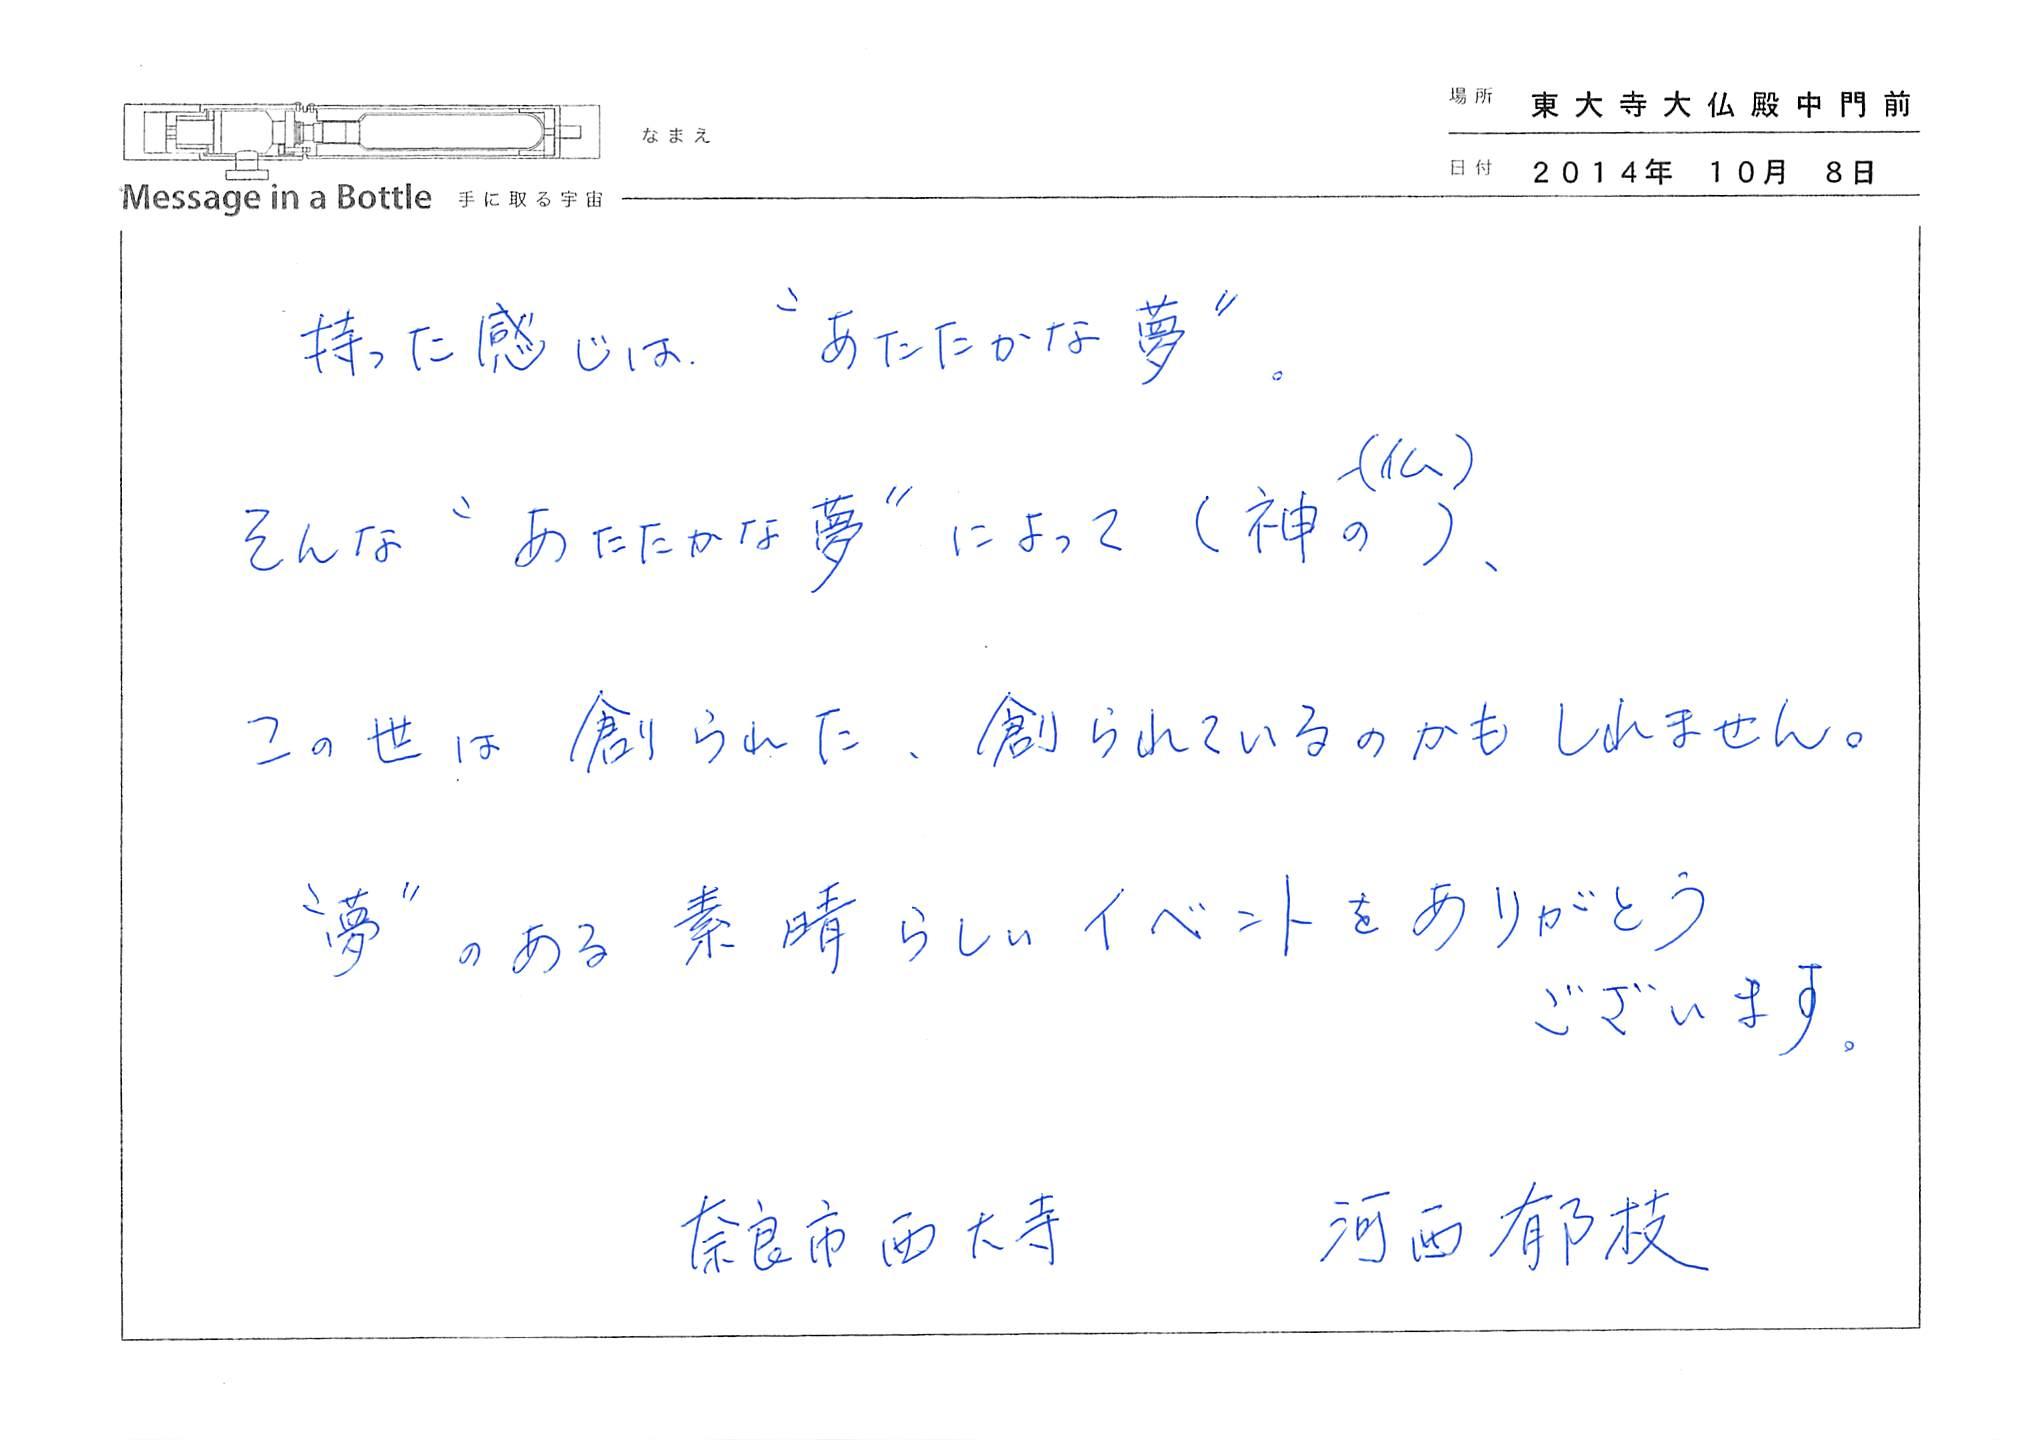 2014-10-08-18-58-02.jpg